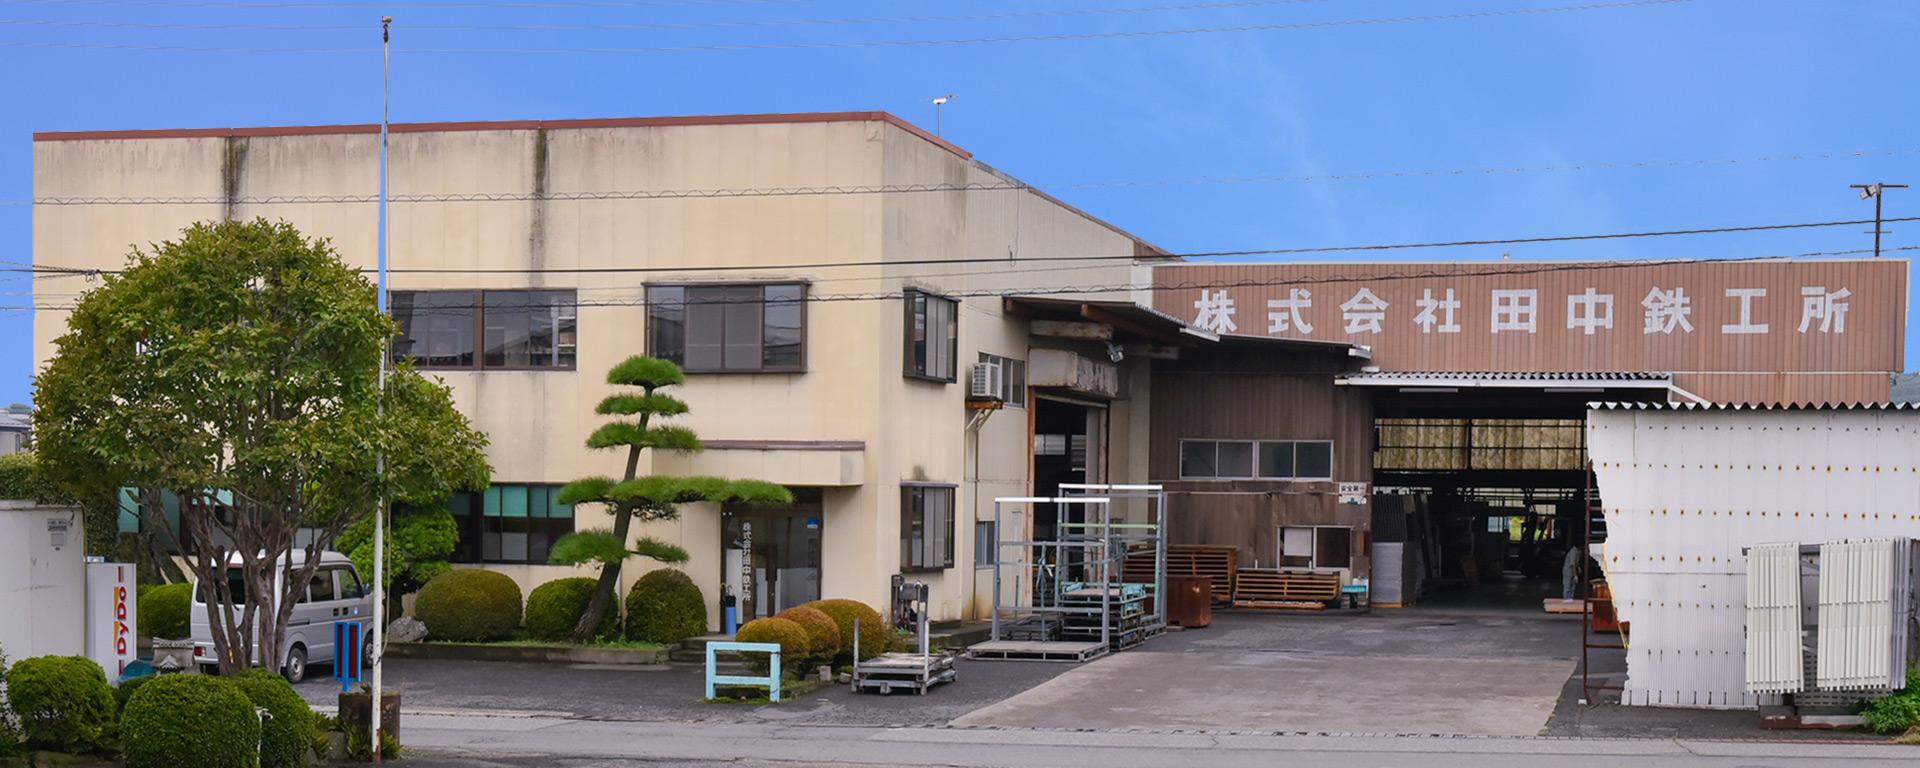 田中鉄工所の事務所